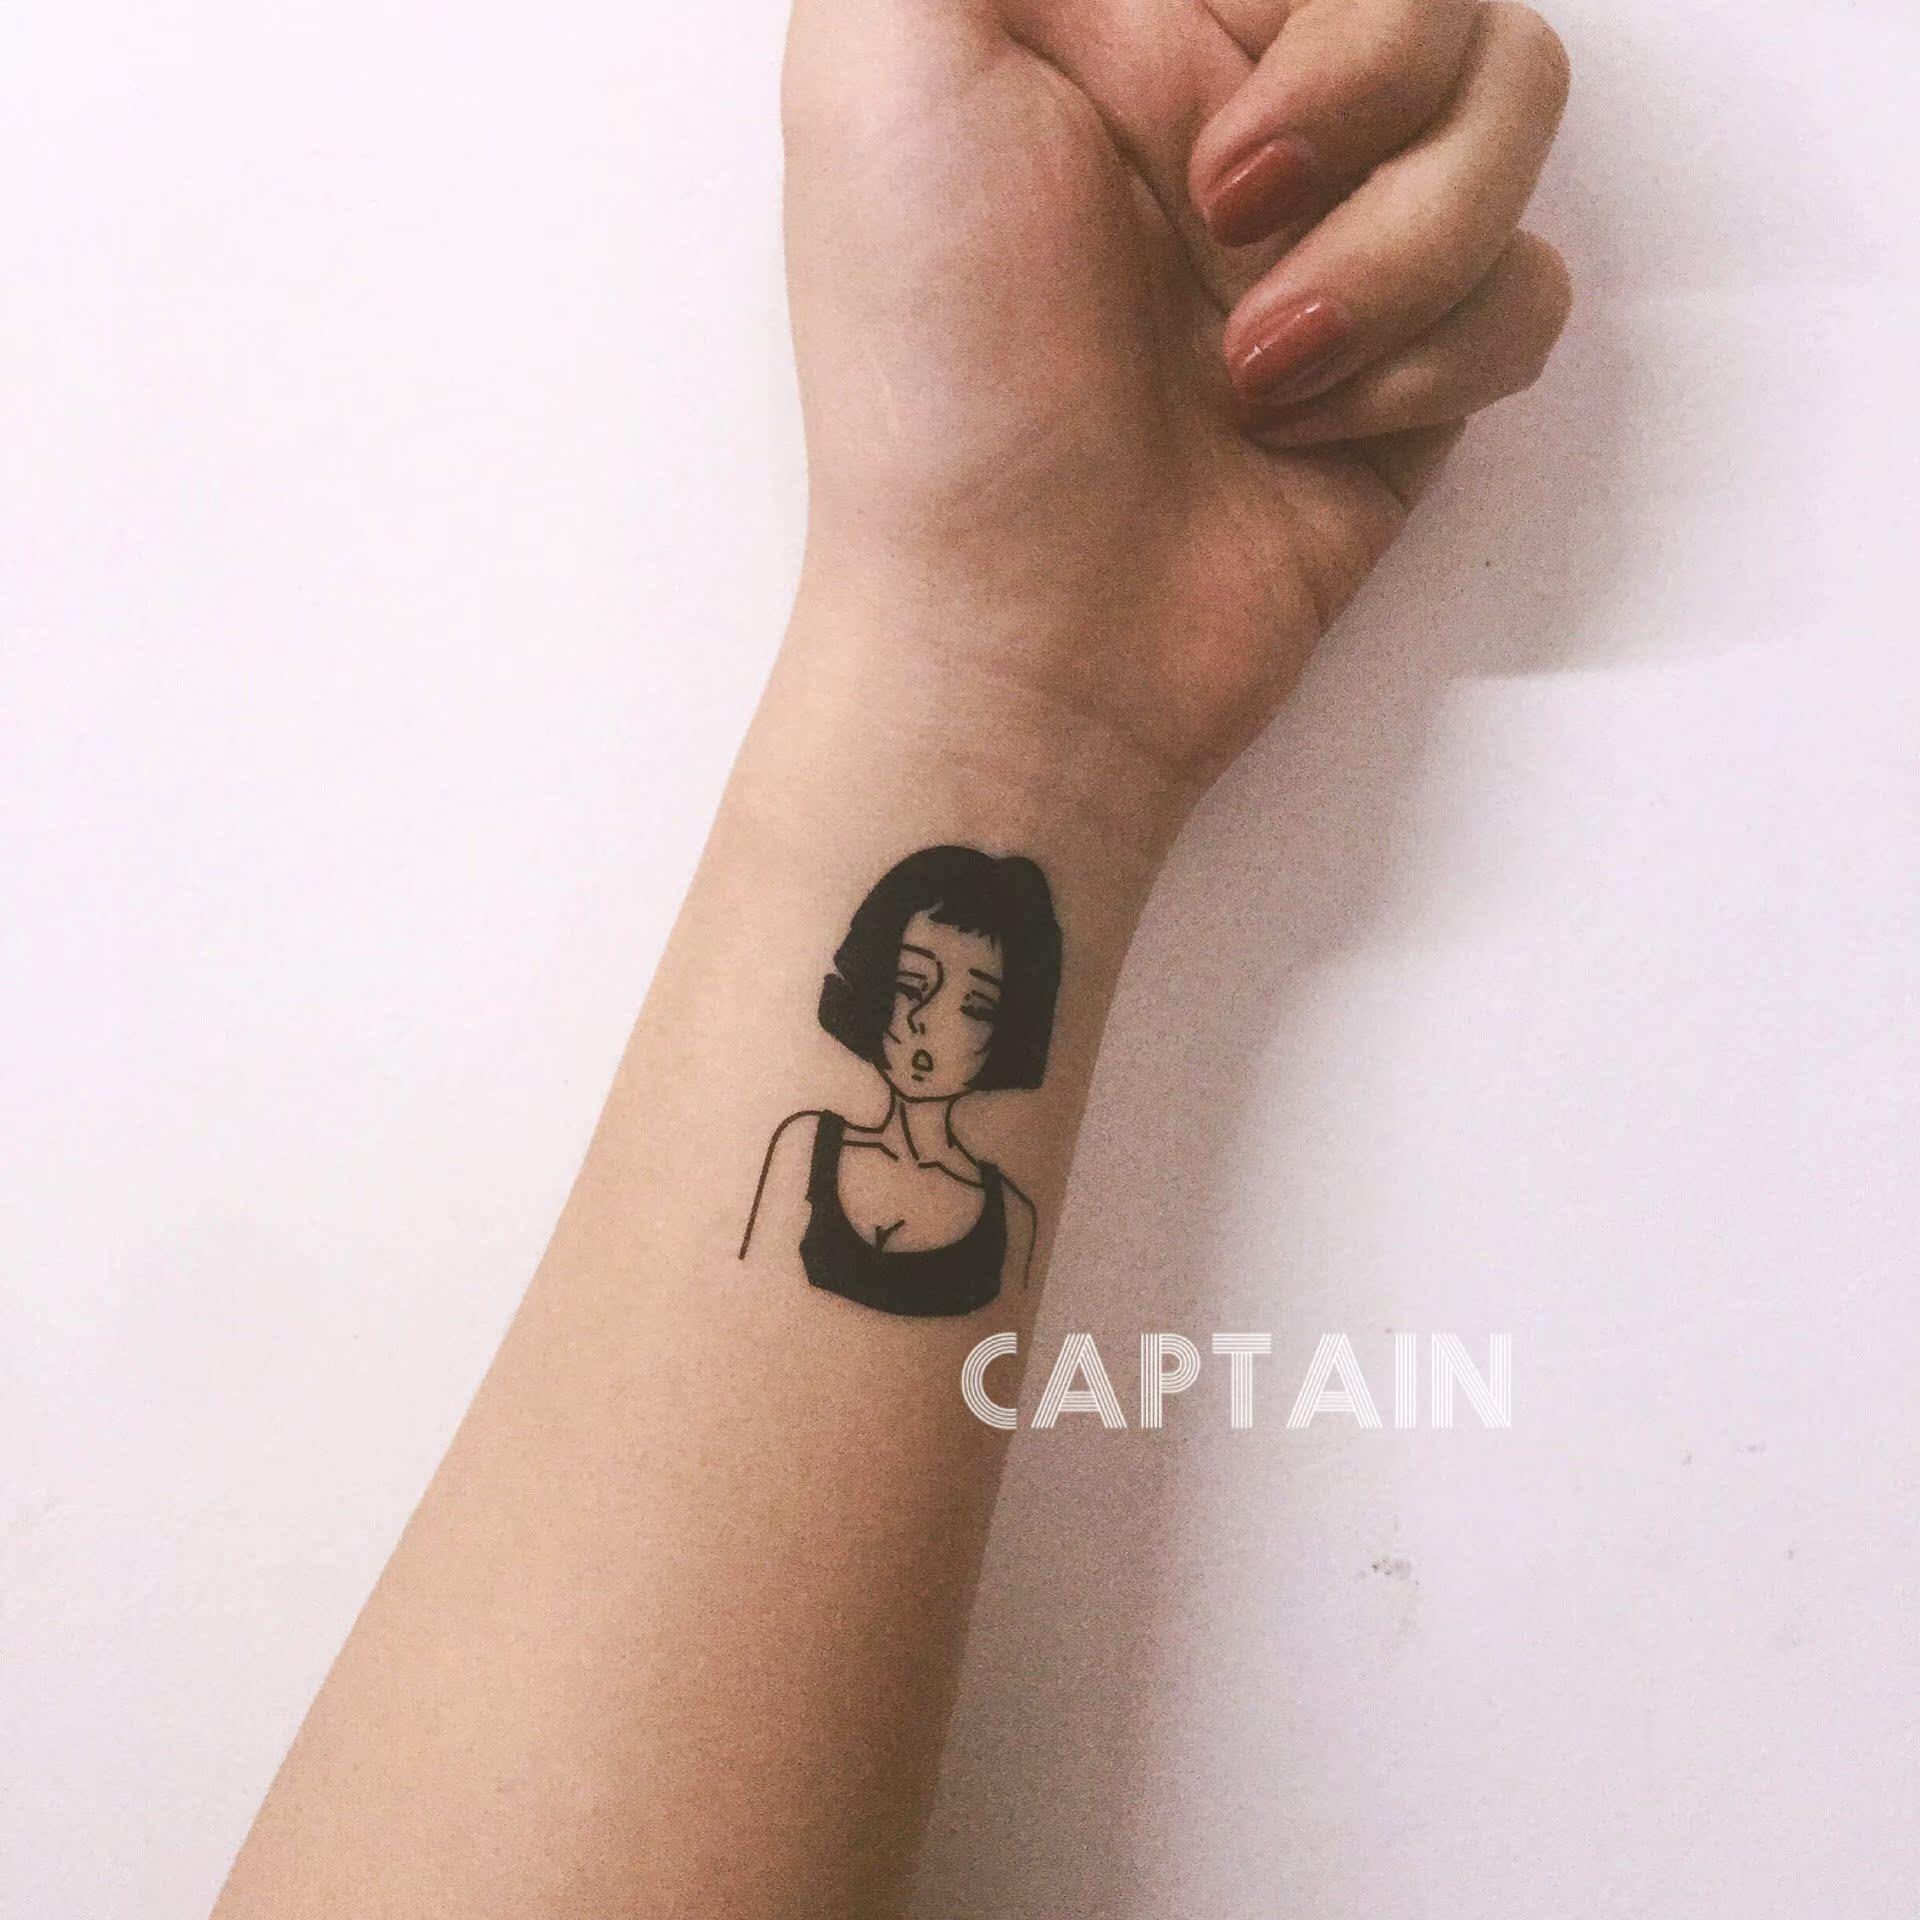 热卖船长家 暗黑系少女黑白线条简约人物纹身贴套装 一套8张满35包邮图片